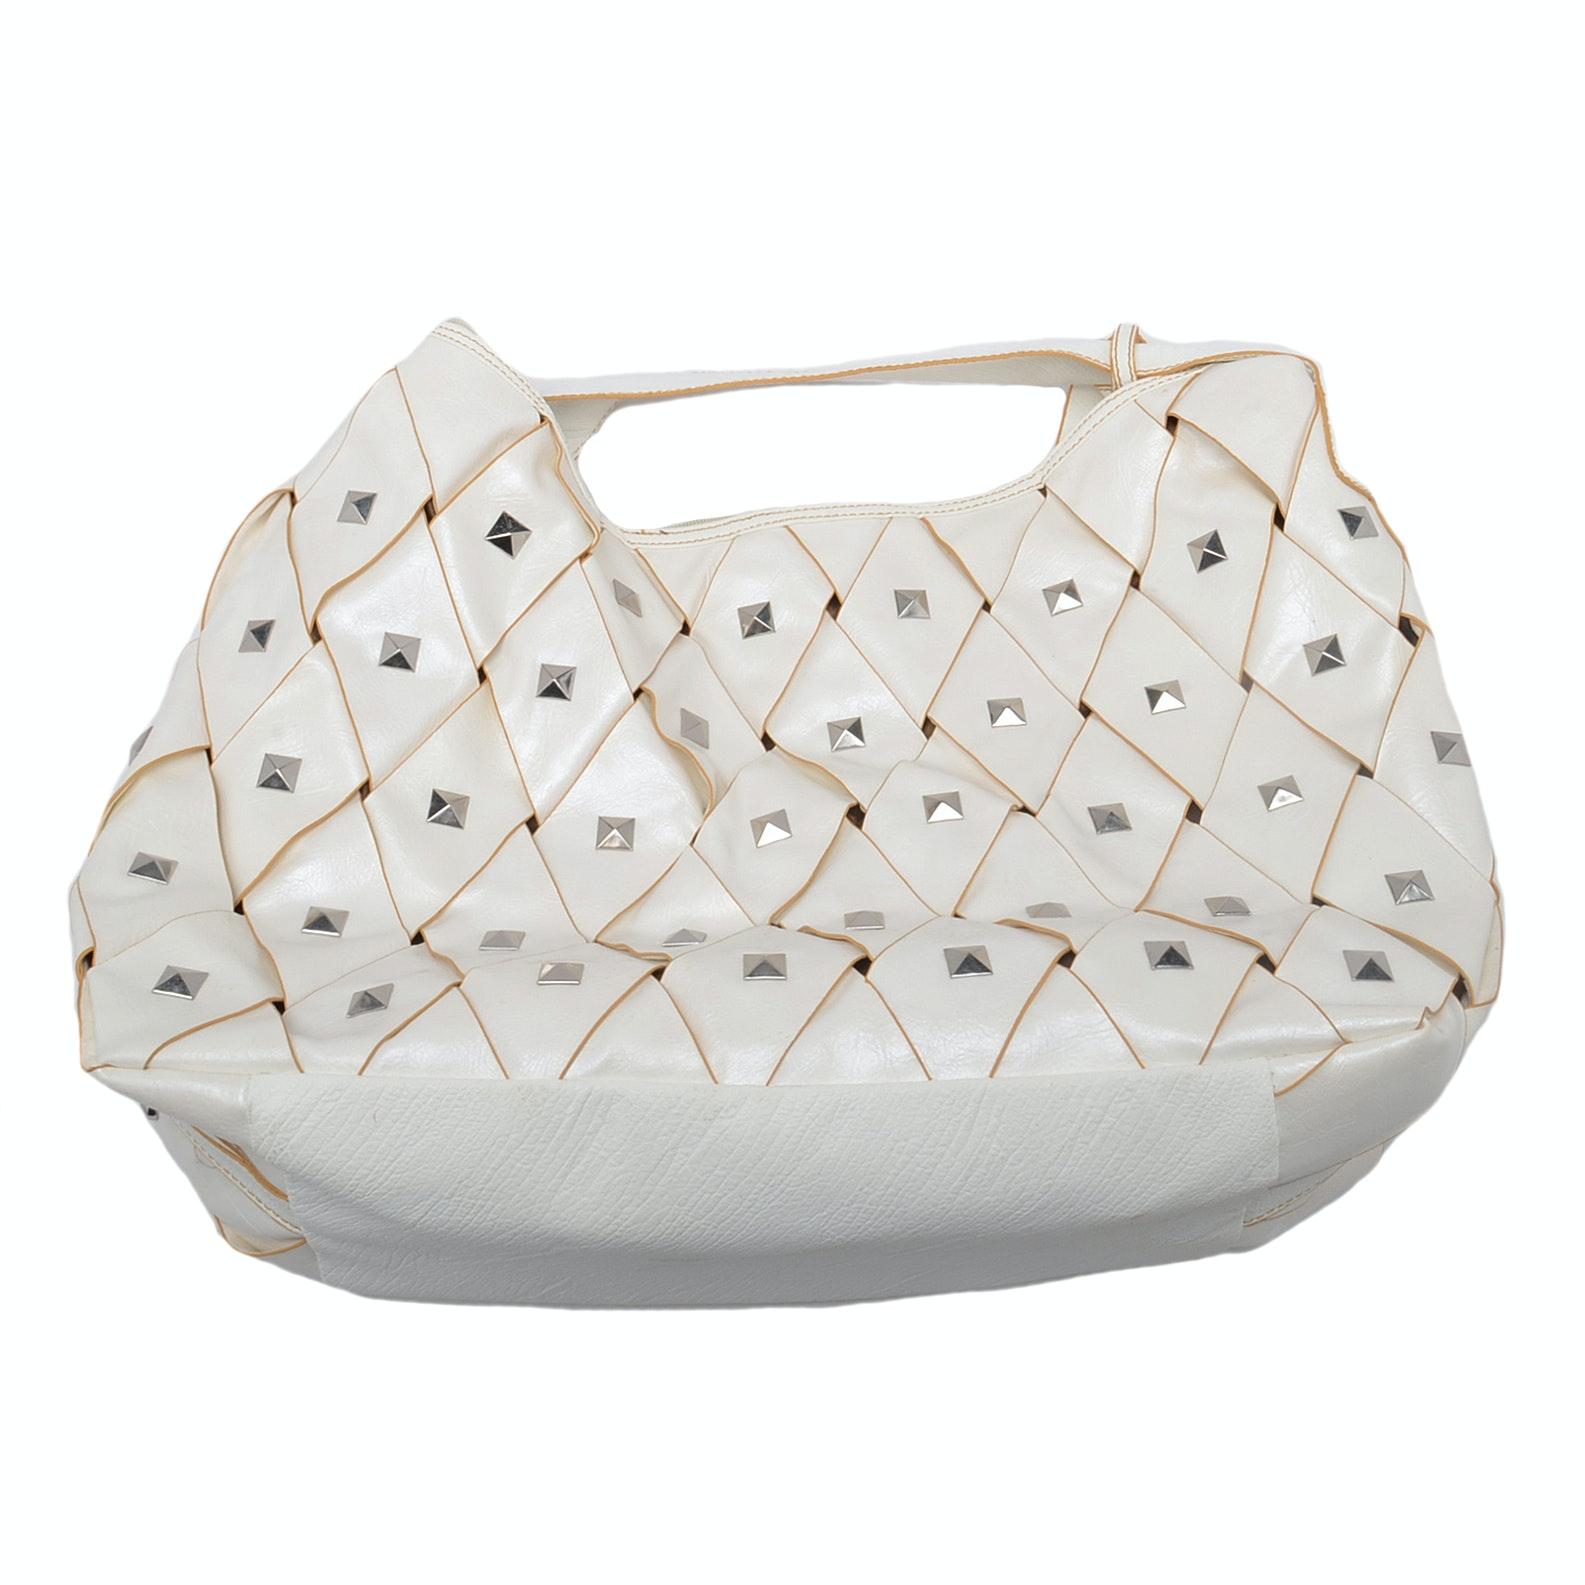 White Chocolate Woven, Studded Handbag